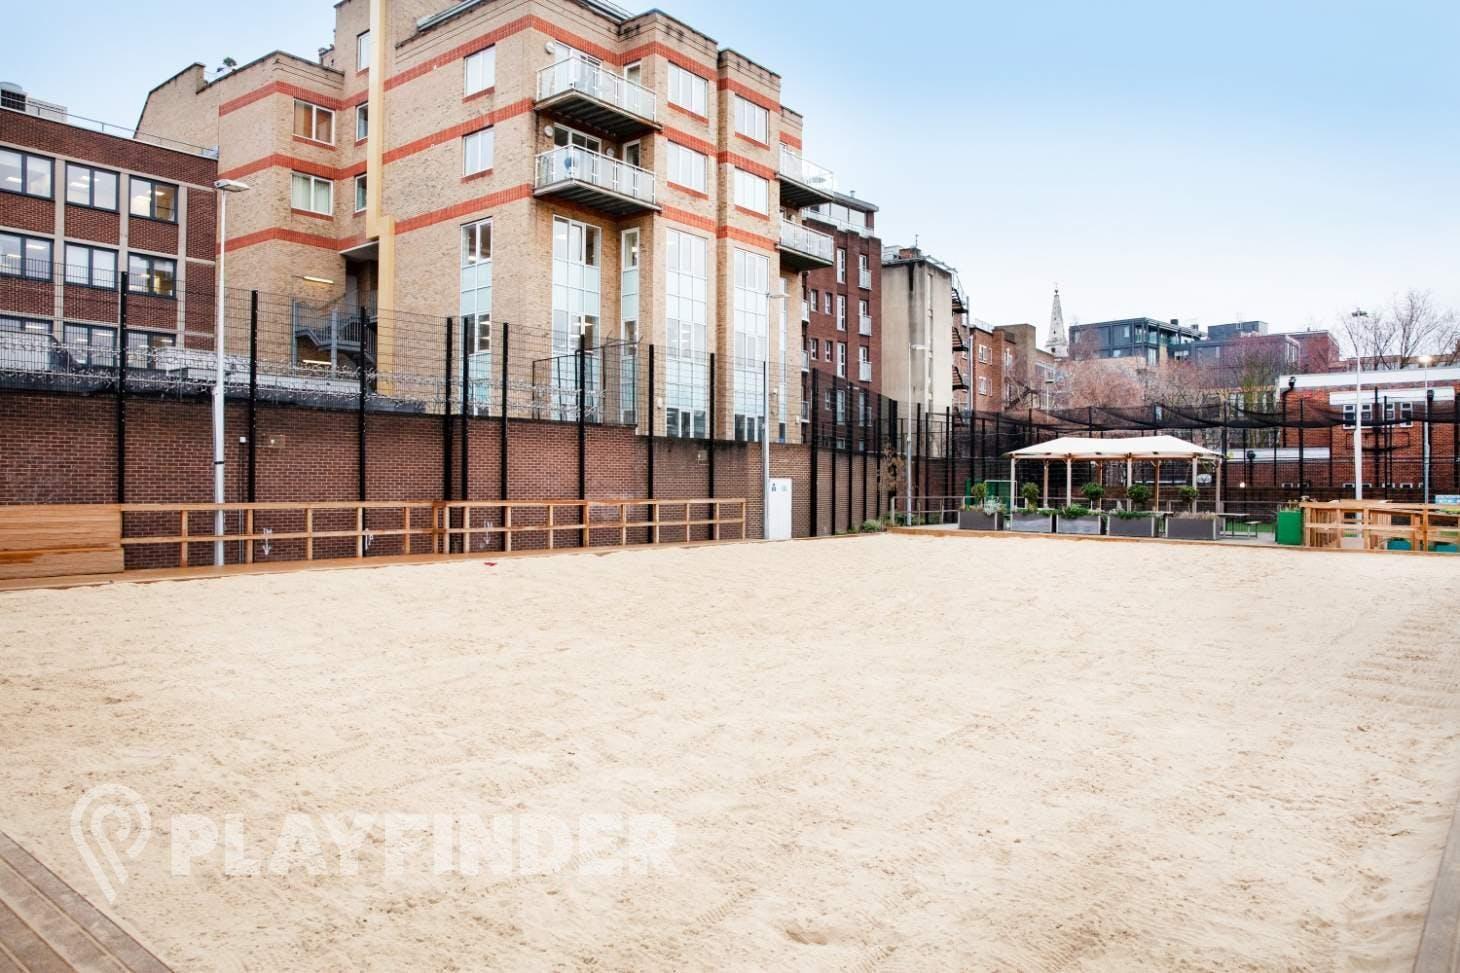 Marlborough Sports Garden, London Bridge - 5aside.org Court | Sand (beach) volleyball court